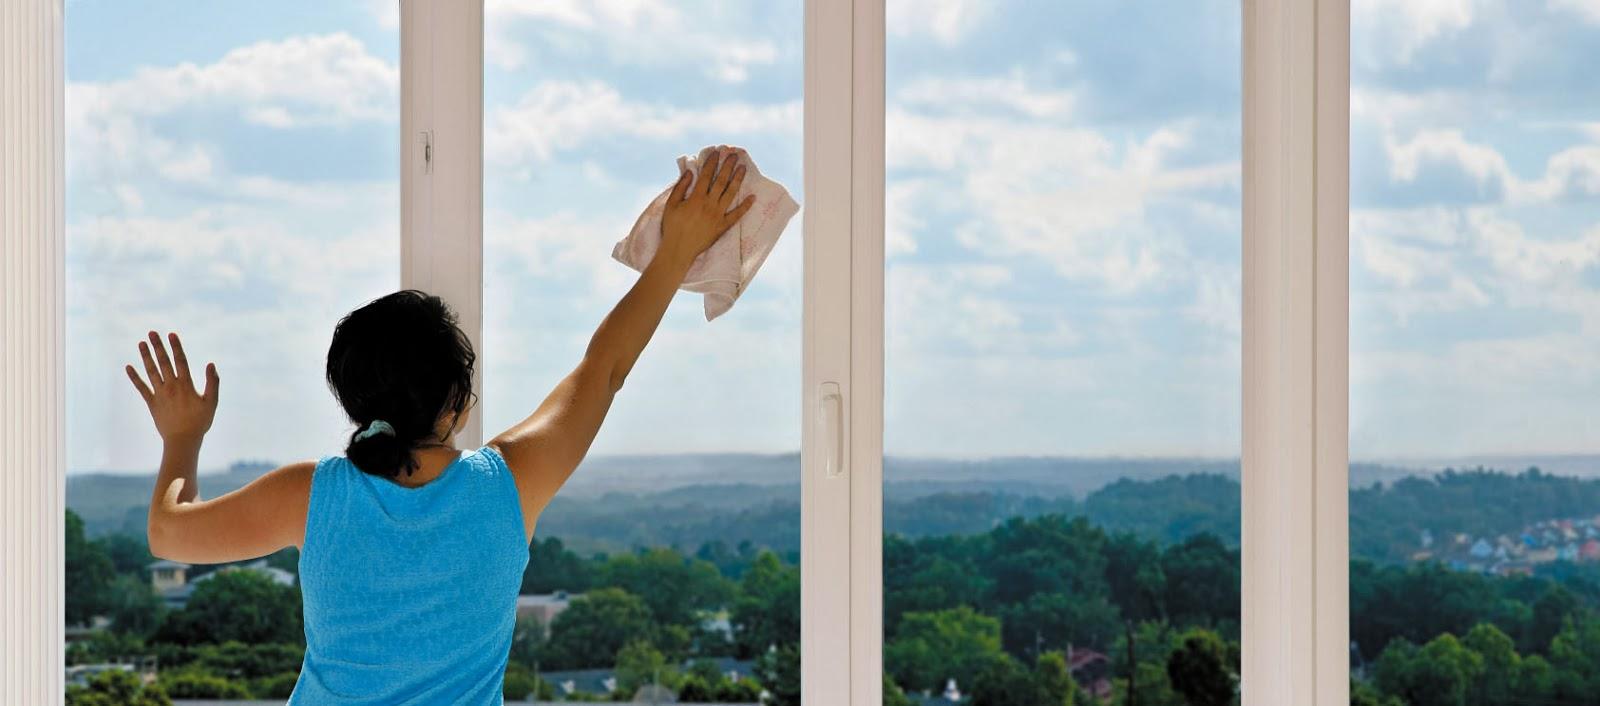 Come pulire i vetri delle finestre - Vetri a specchio per finestre ...